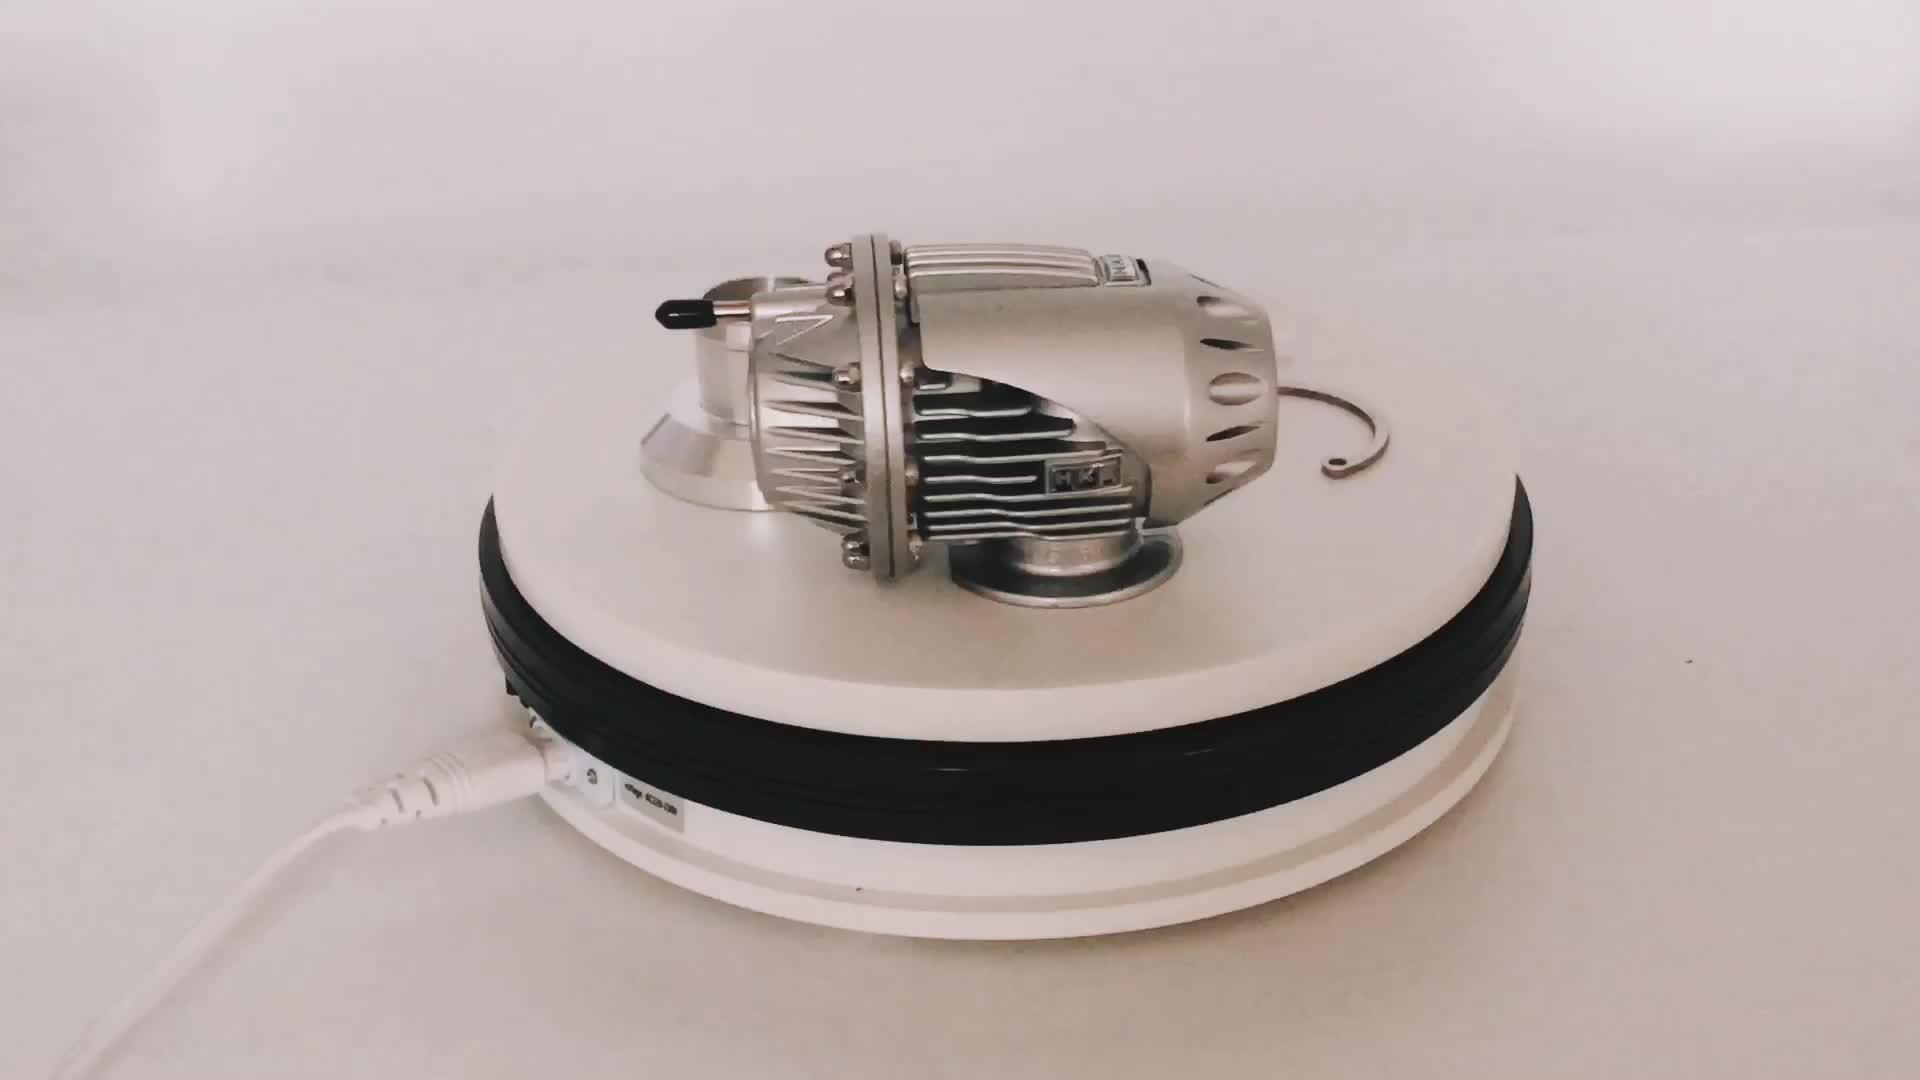 Phổ tự động nhôm phần turbo có thổi tắt van